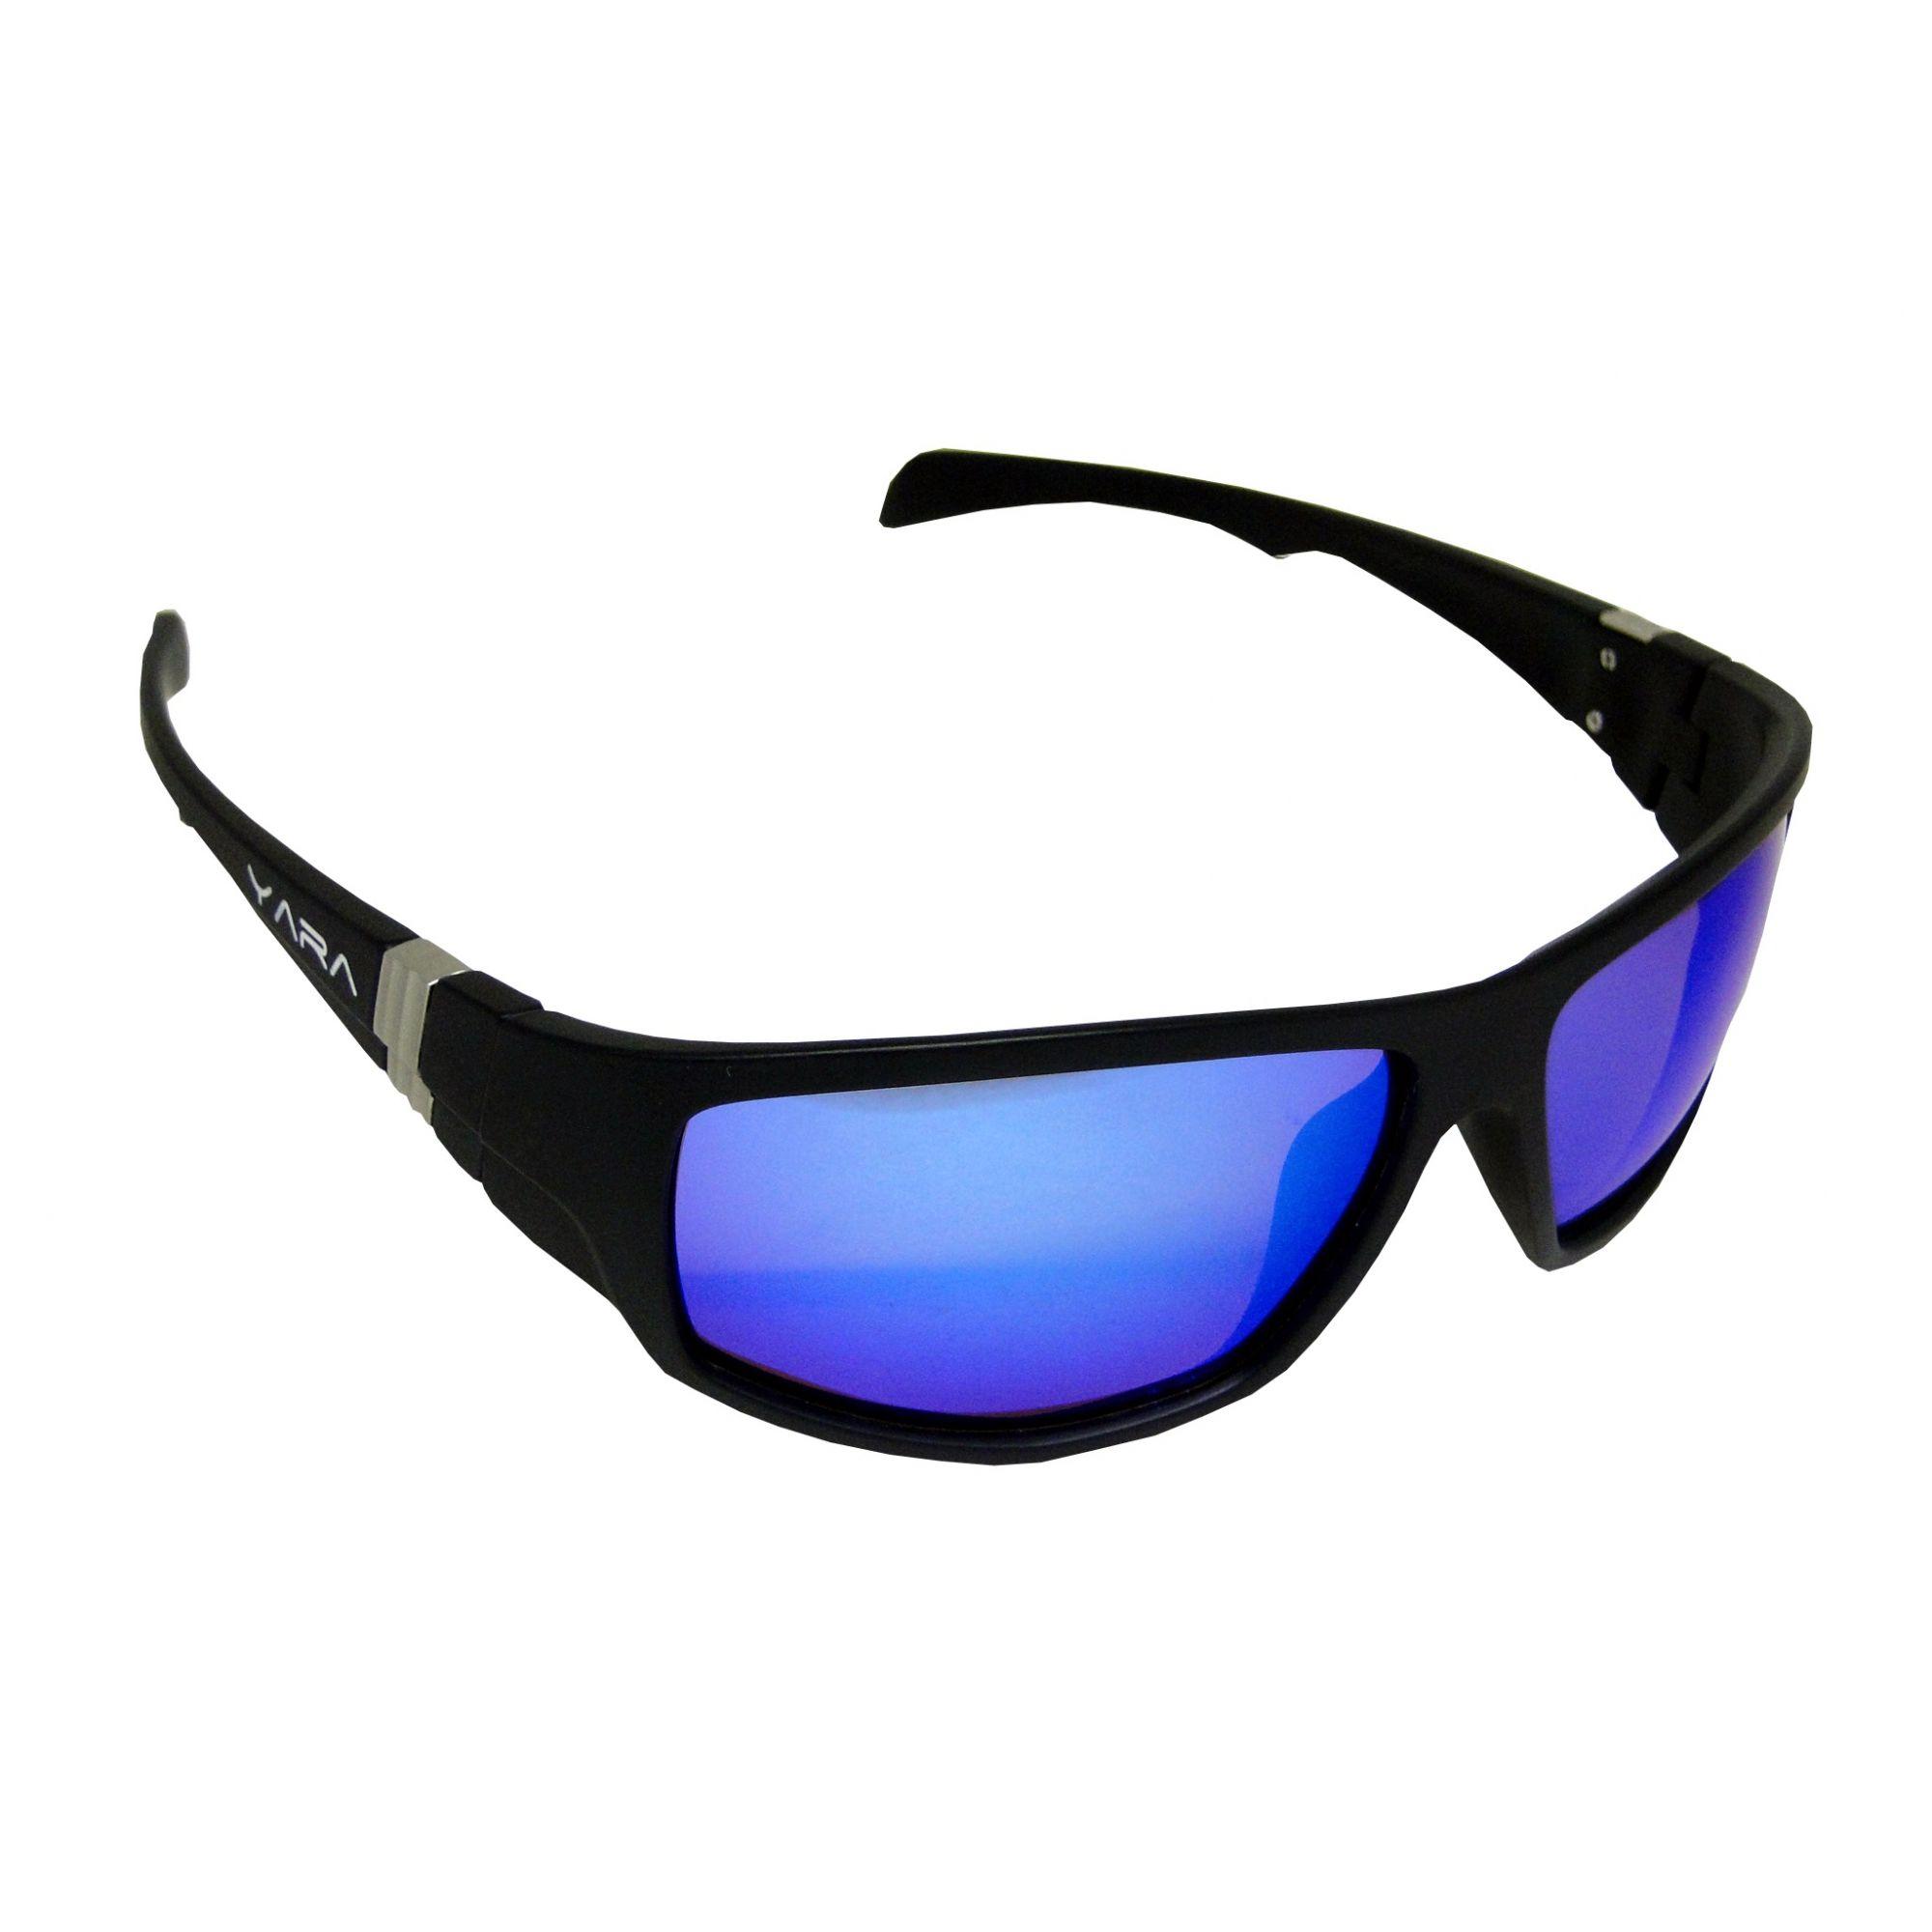 Óculos de sol polarizado - Dark Vision 01853 - Lente Azul Espelhado